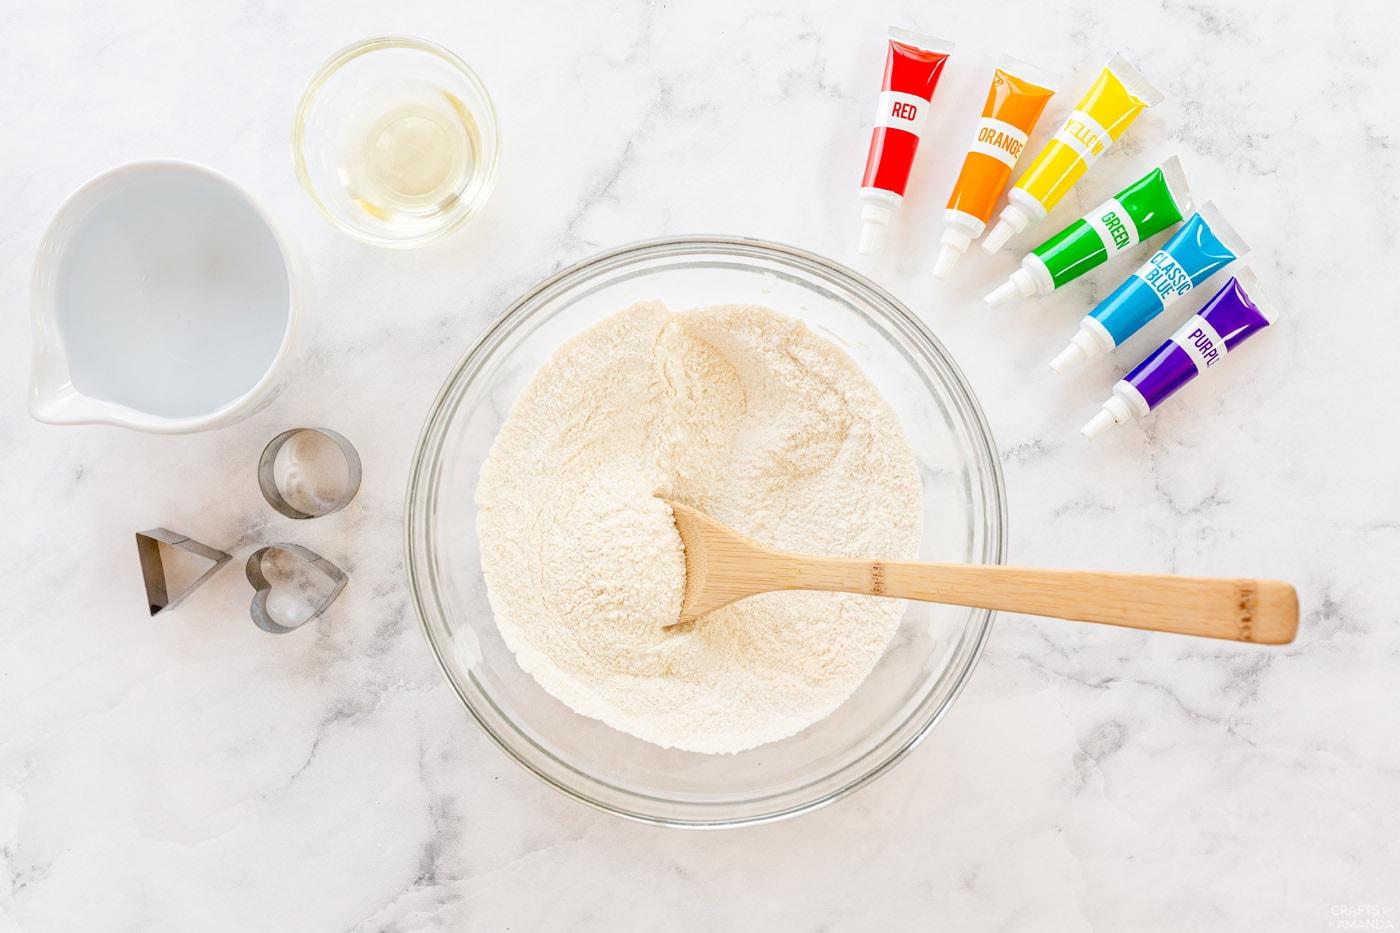 speel deeg droge ingrediënten in een kom